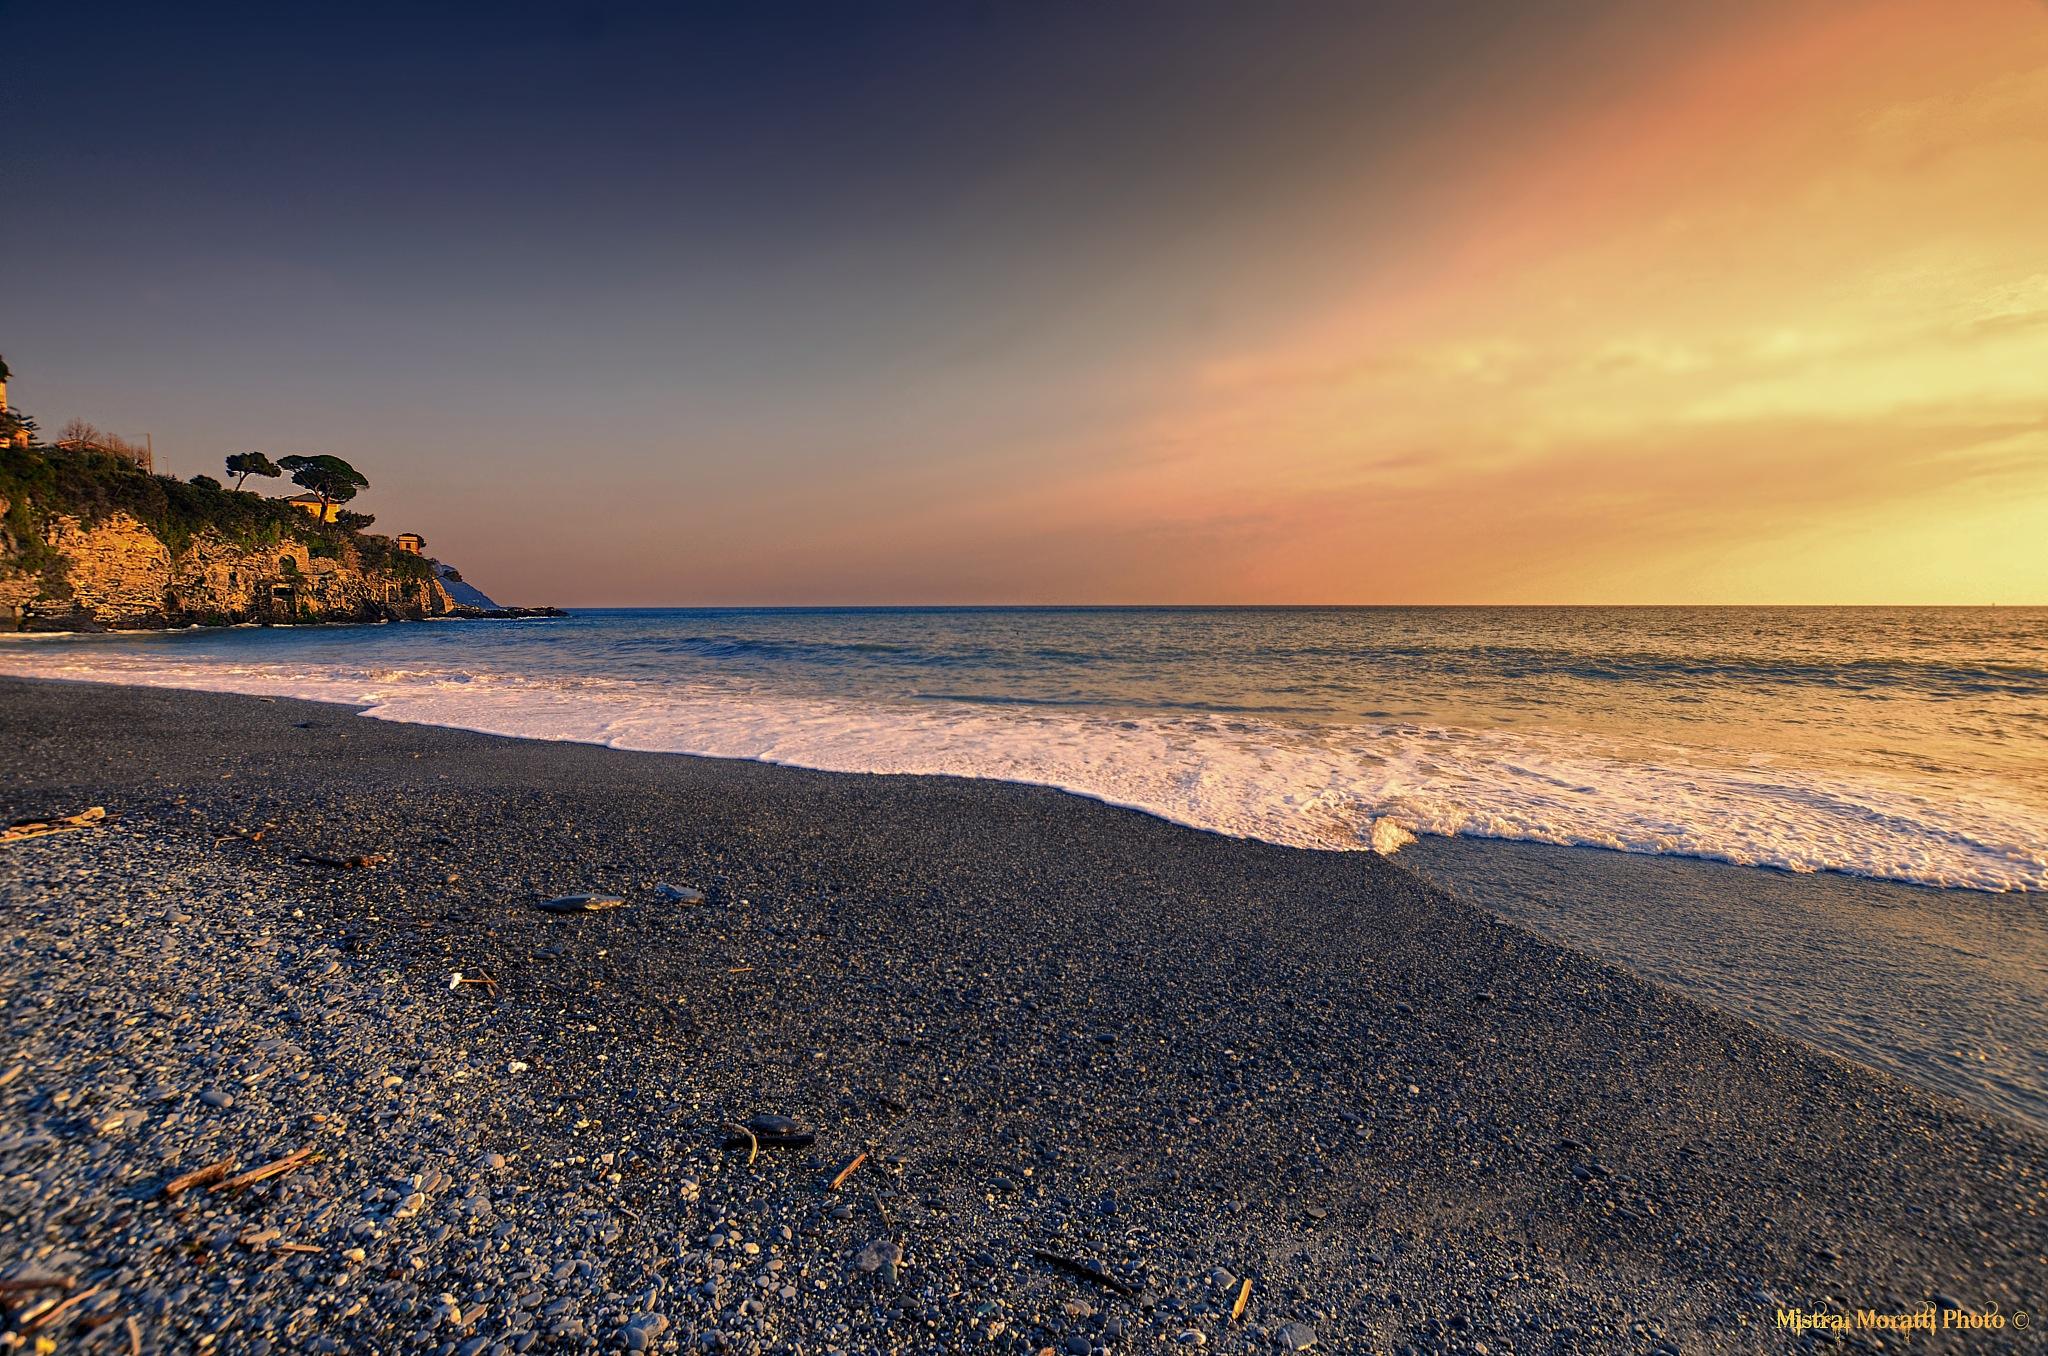 the  calm evening sea by Mistral Moratti